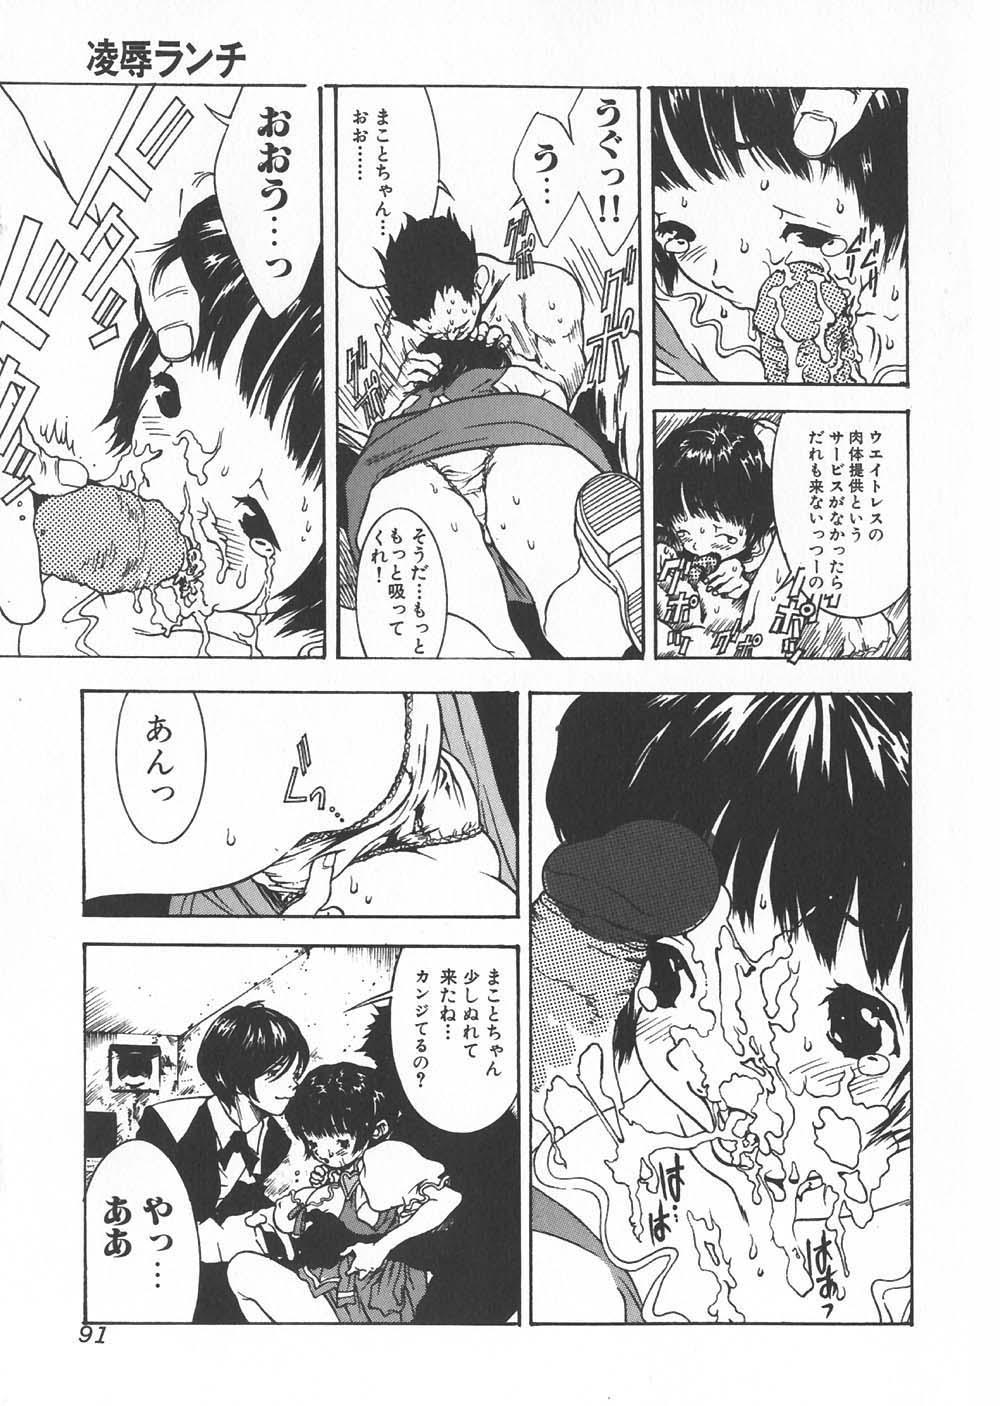 Gochuumon wa Okimari Desuka 92